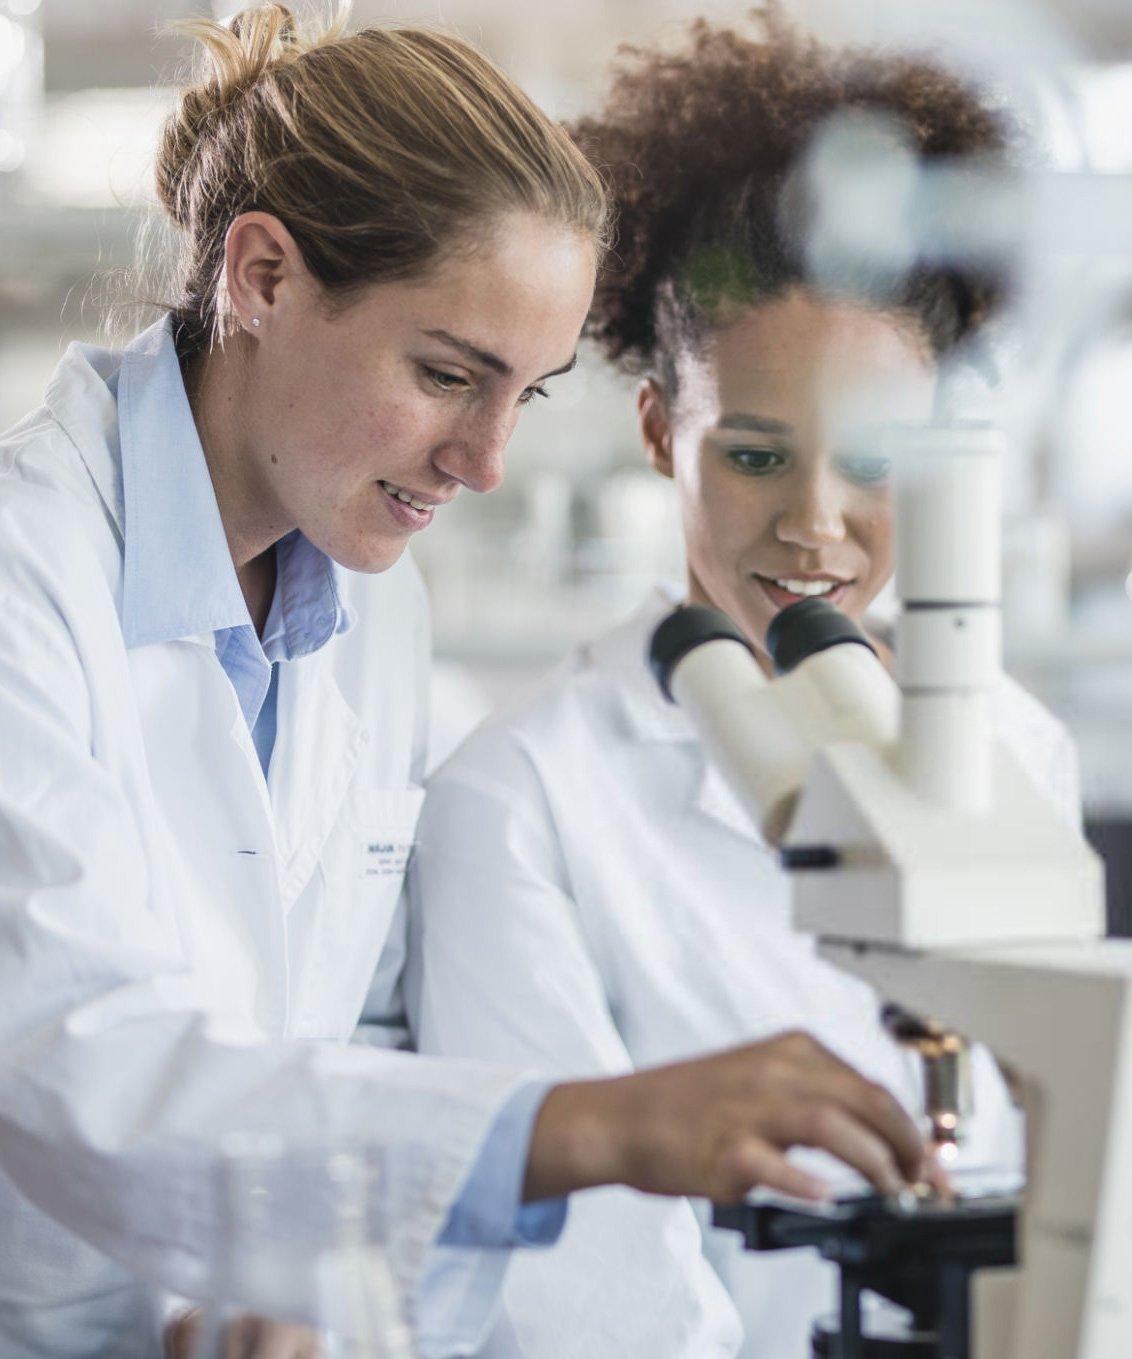 laboratorio-cms-cientifica---